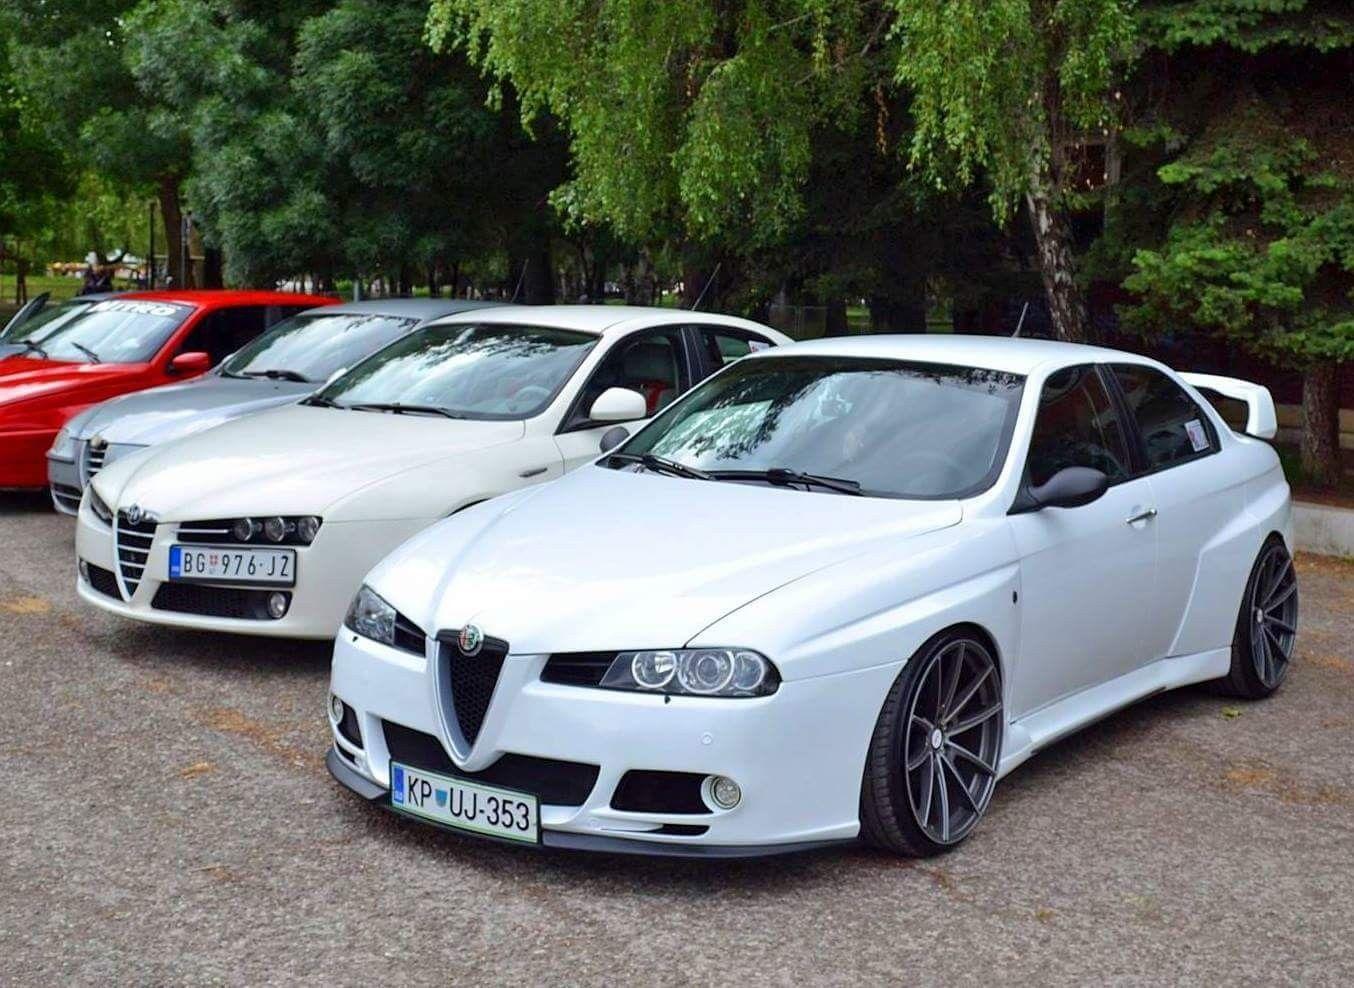 alfa romeo 156 159 147 alfa romeo classic cars pinterest alfa romeo 156 cars and alfa gta. Black Bedroom Furniture Sets. Home Design Ideas